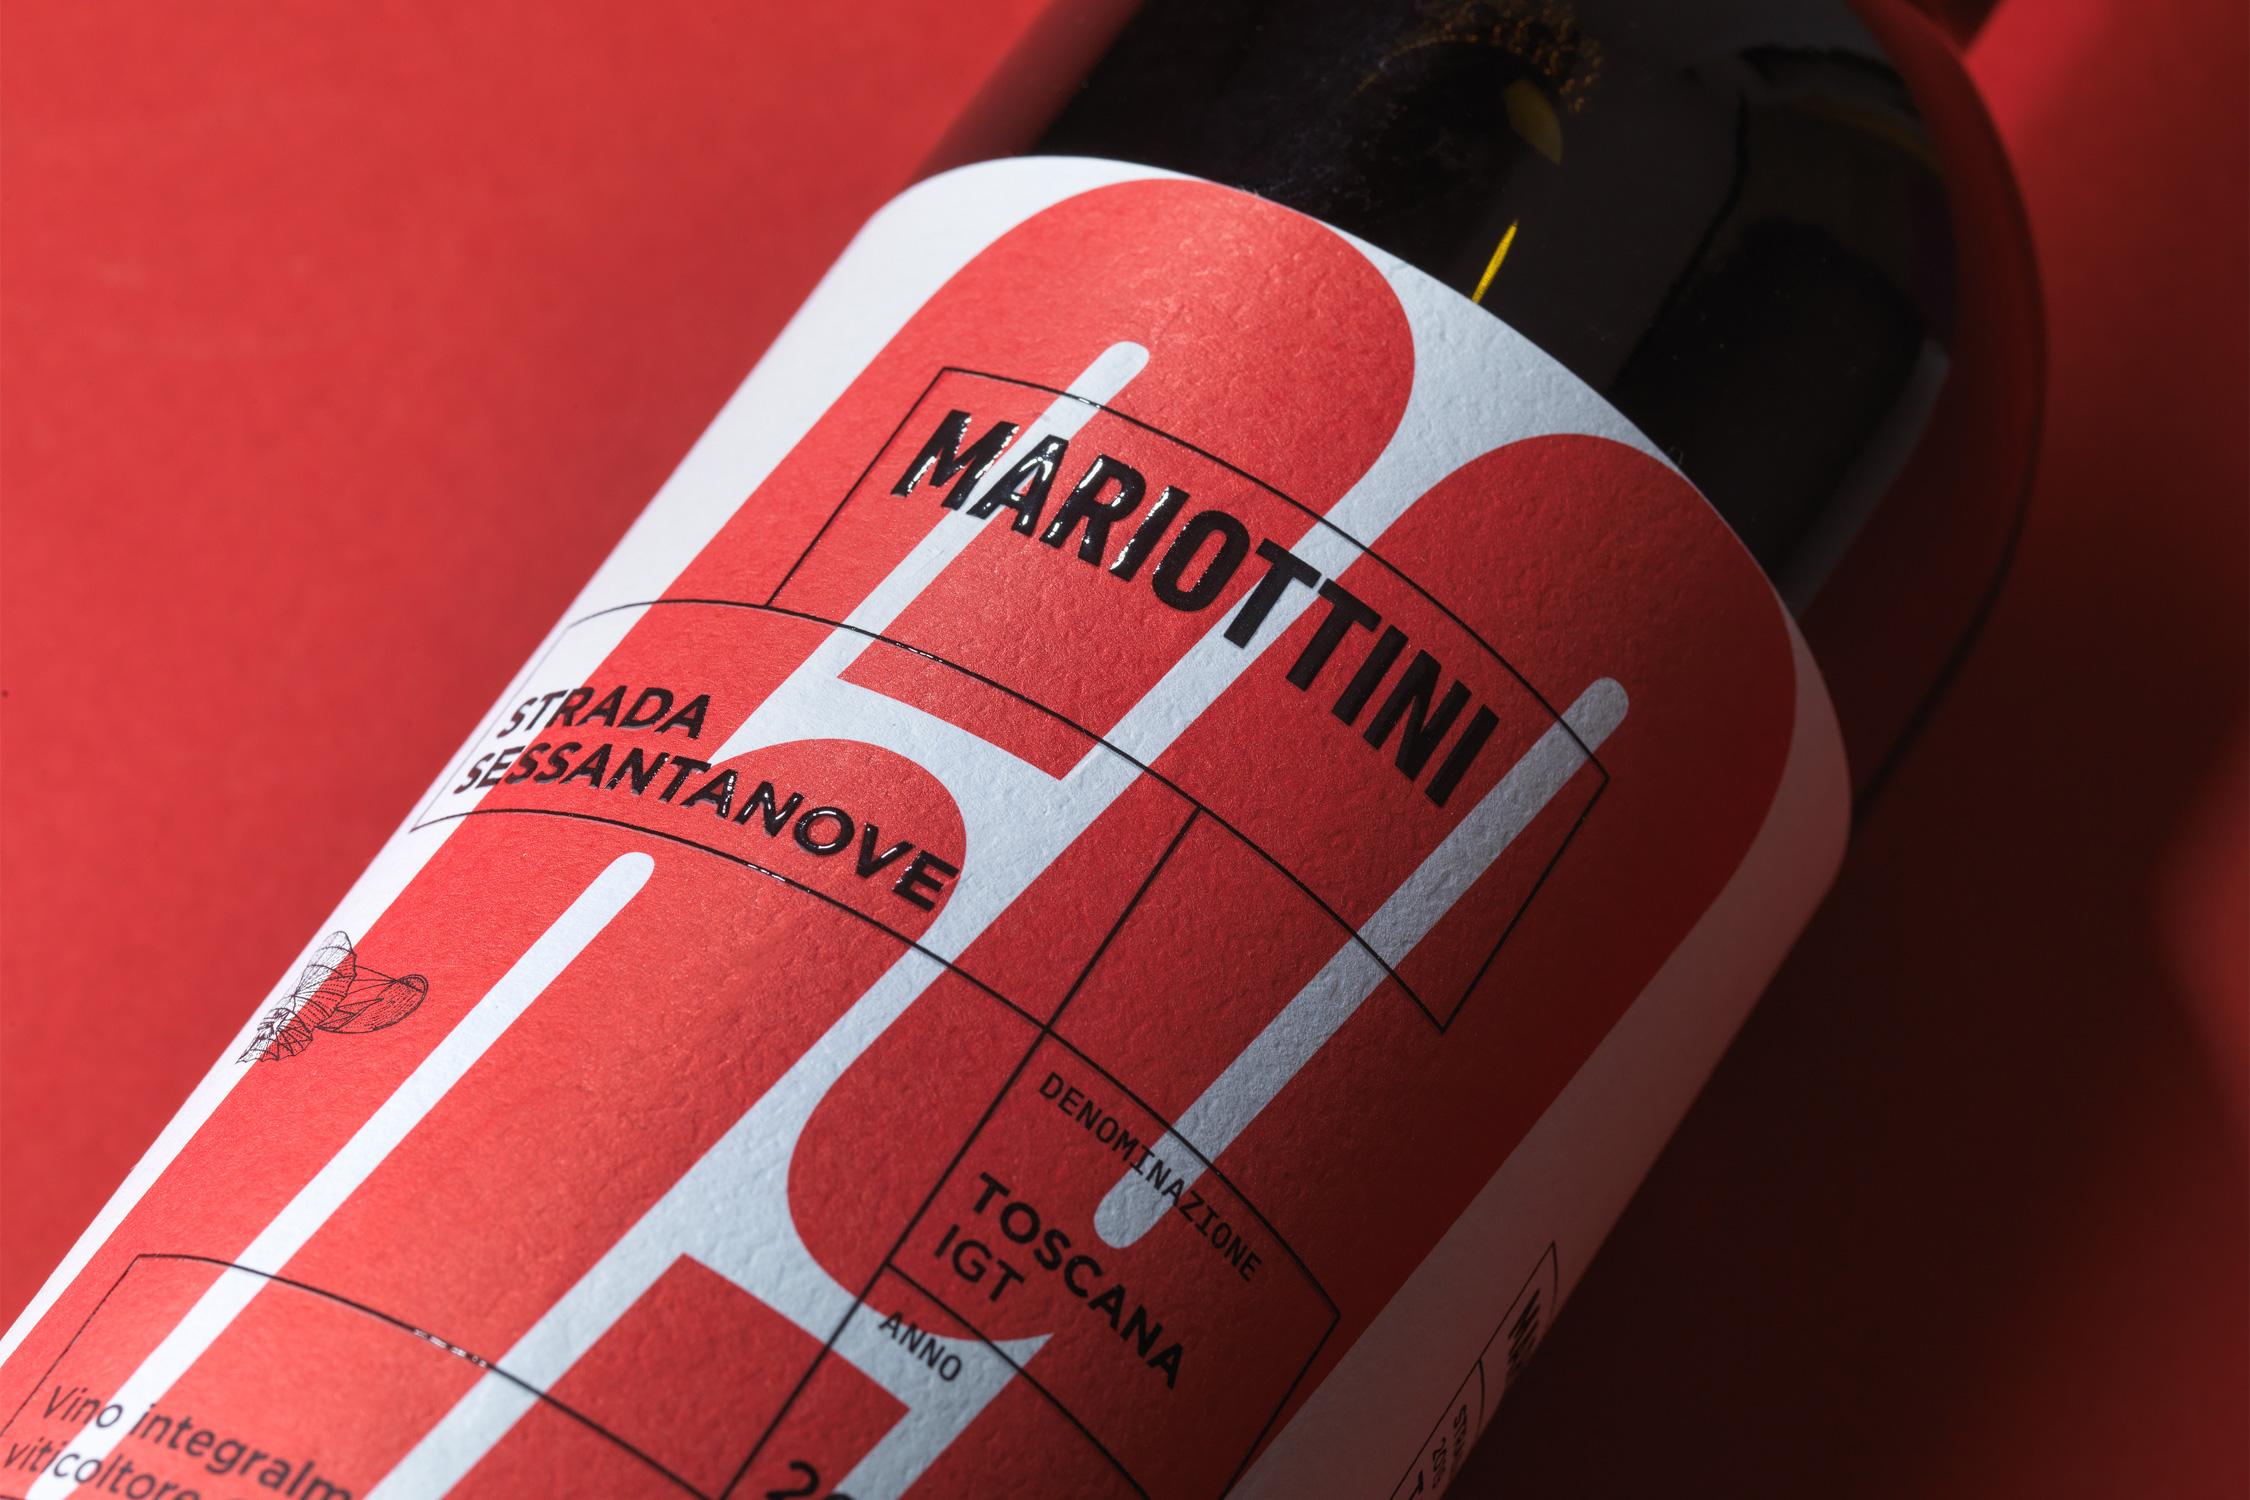 Mariottini